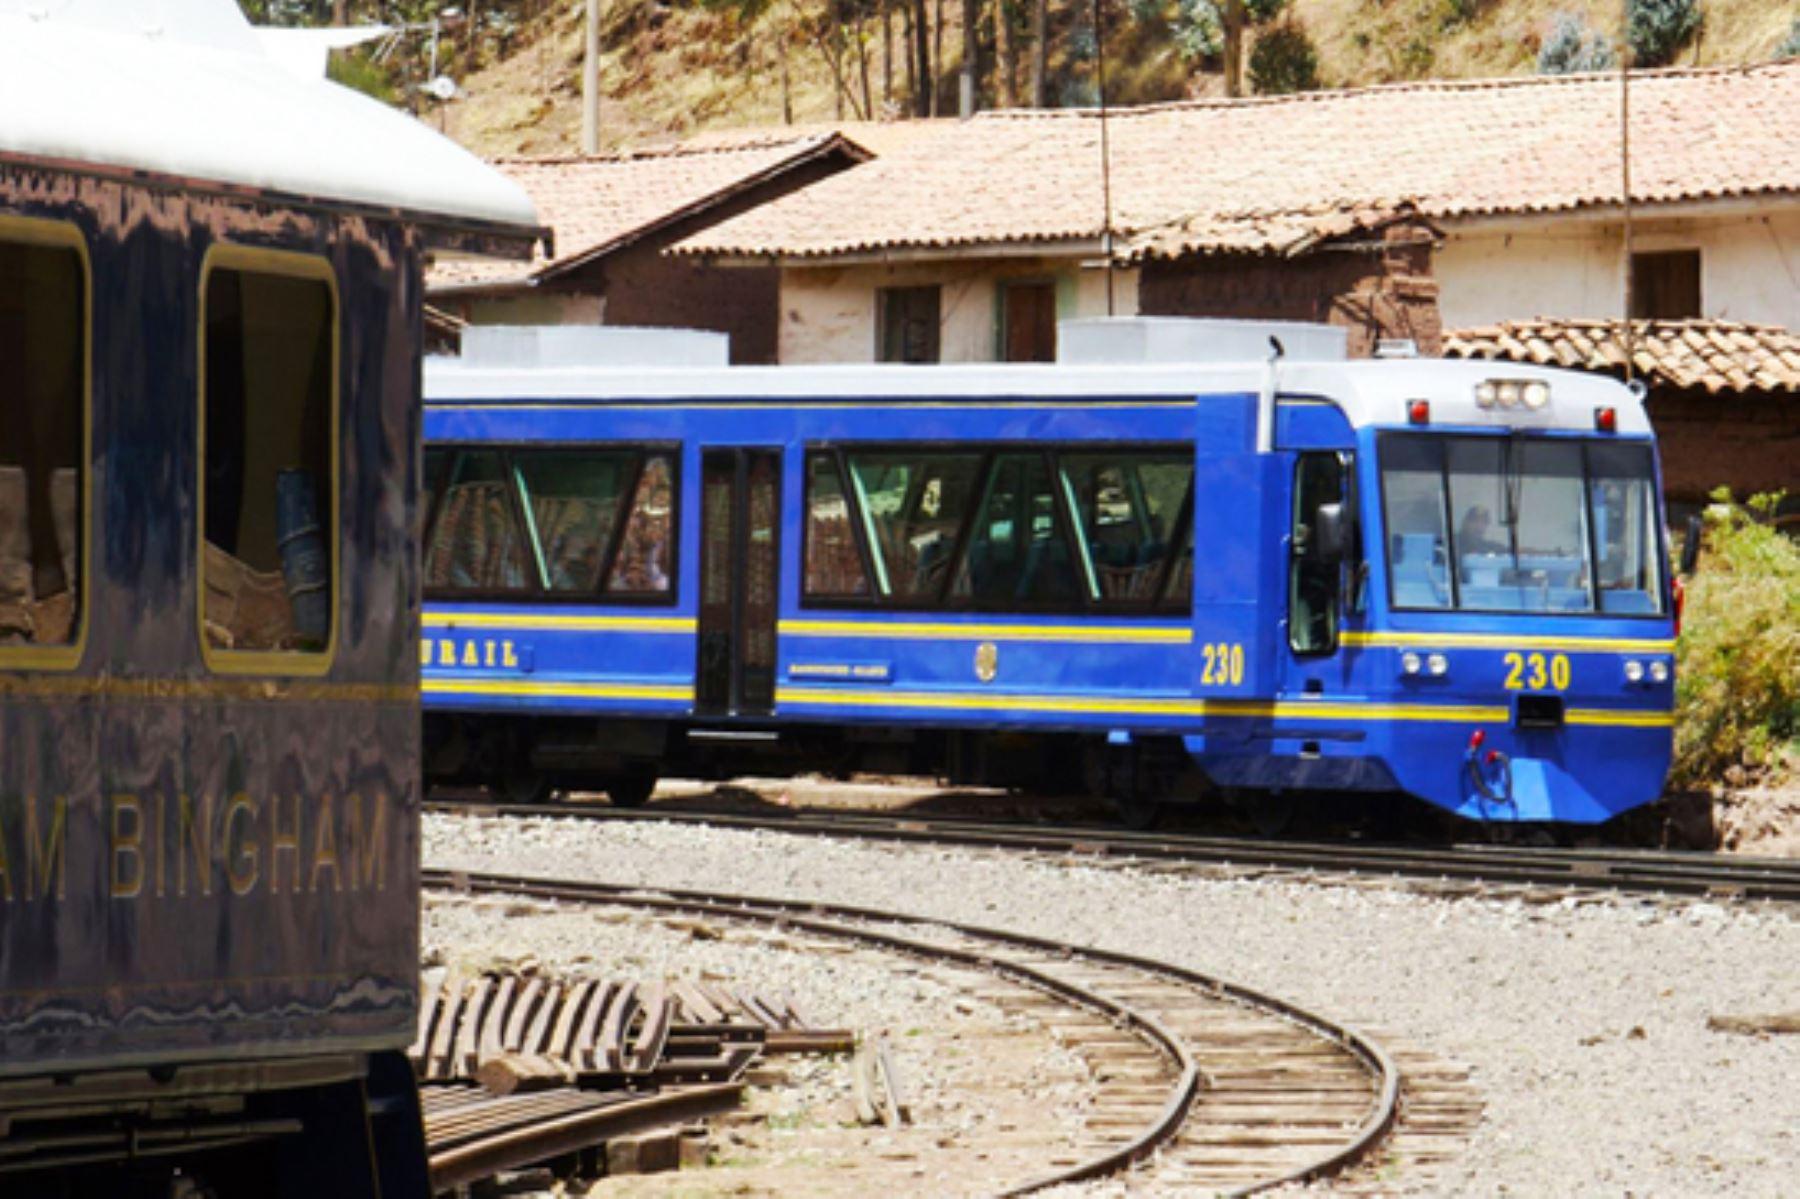 El MTC ratifica su compromiso de continuar participando en la mesa técnica para atender las demandas de la región Cusco en torno al transporte ferroviario. Foto: ANDINA/Difusión